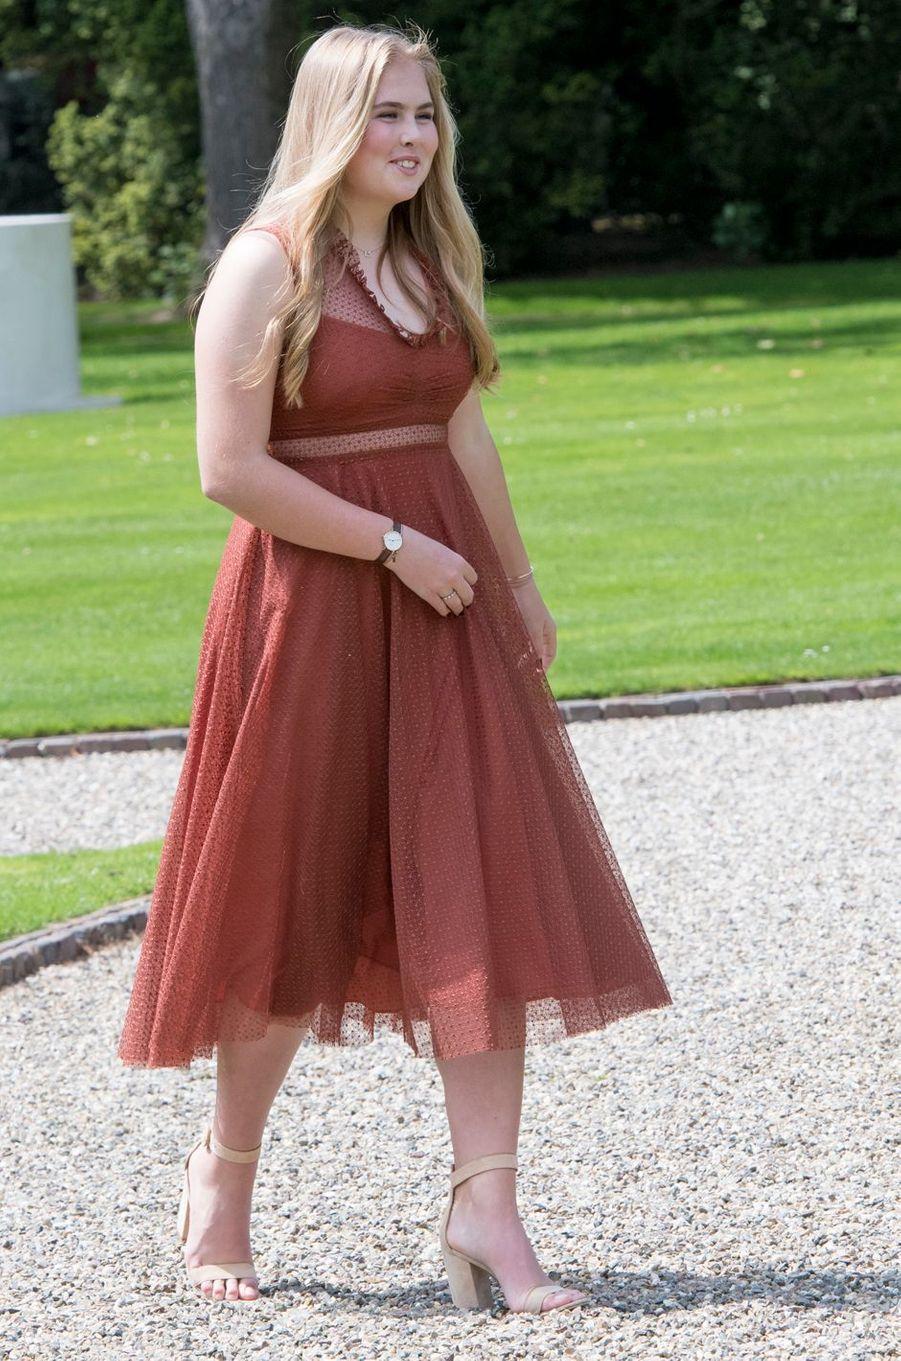 La princesse Catharina-Amalia des Pays-Bas dans une robe Sandro à La Haye, le 19 juillet 2019